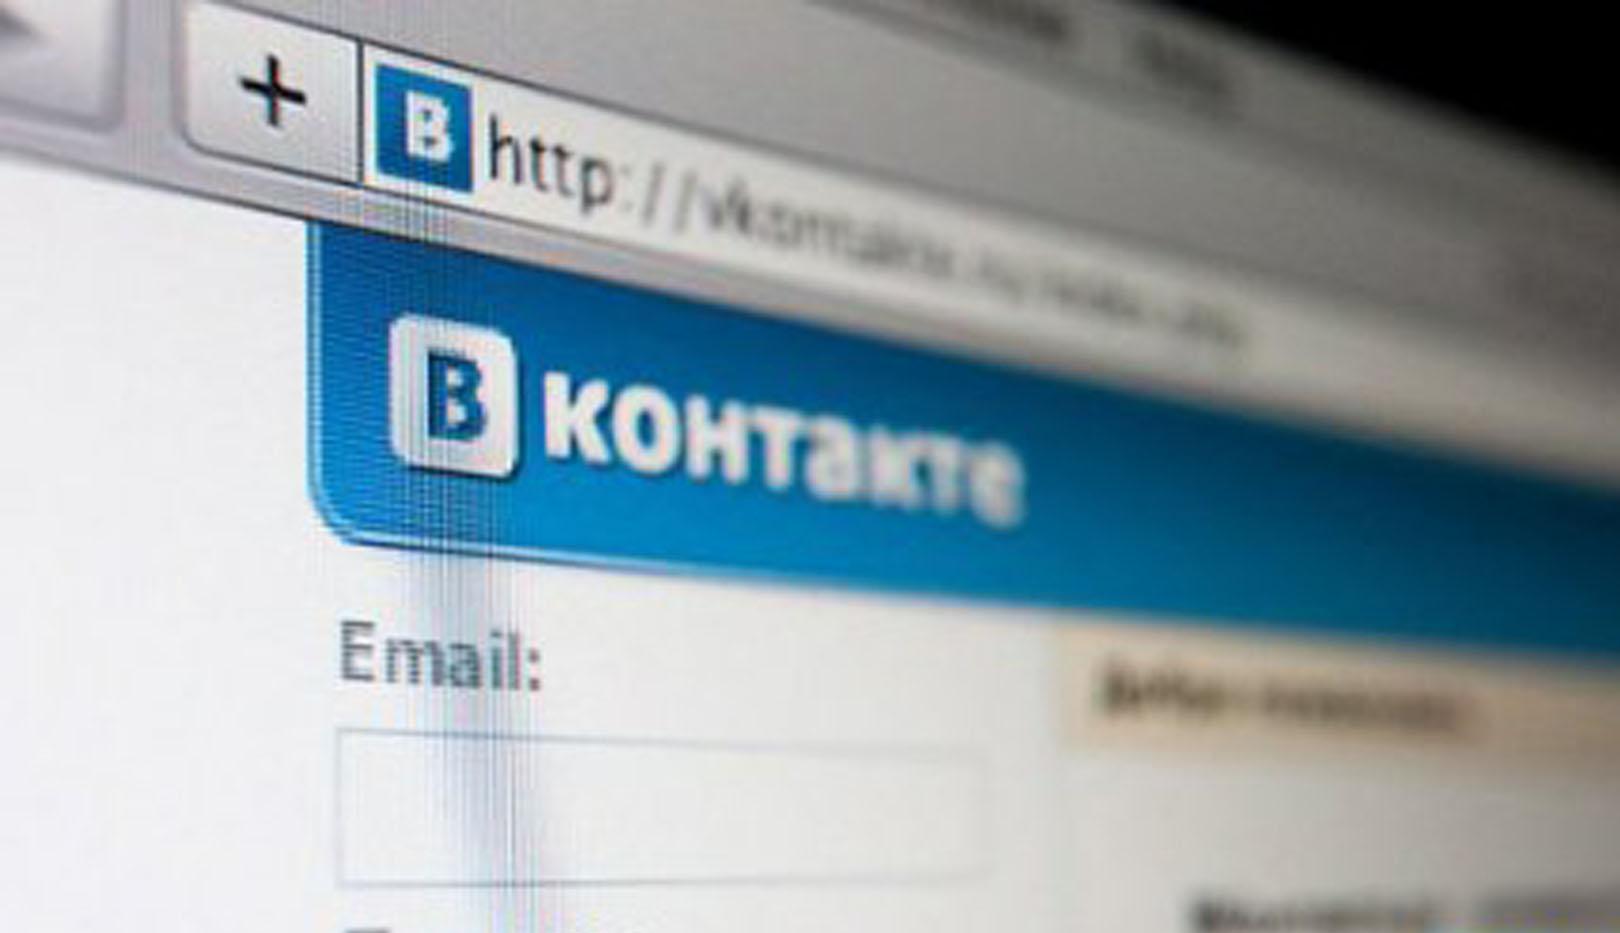 откровенные снимки выложенные хакерами в контакте 2015